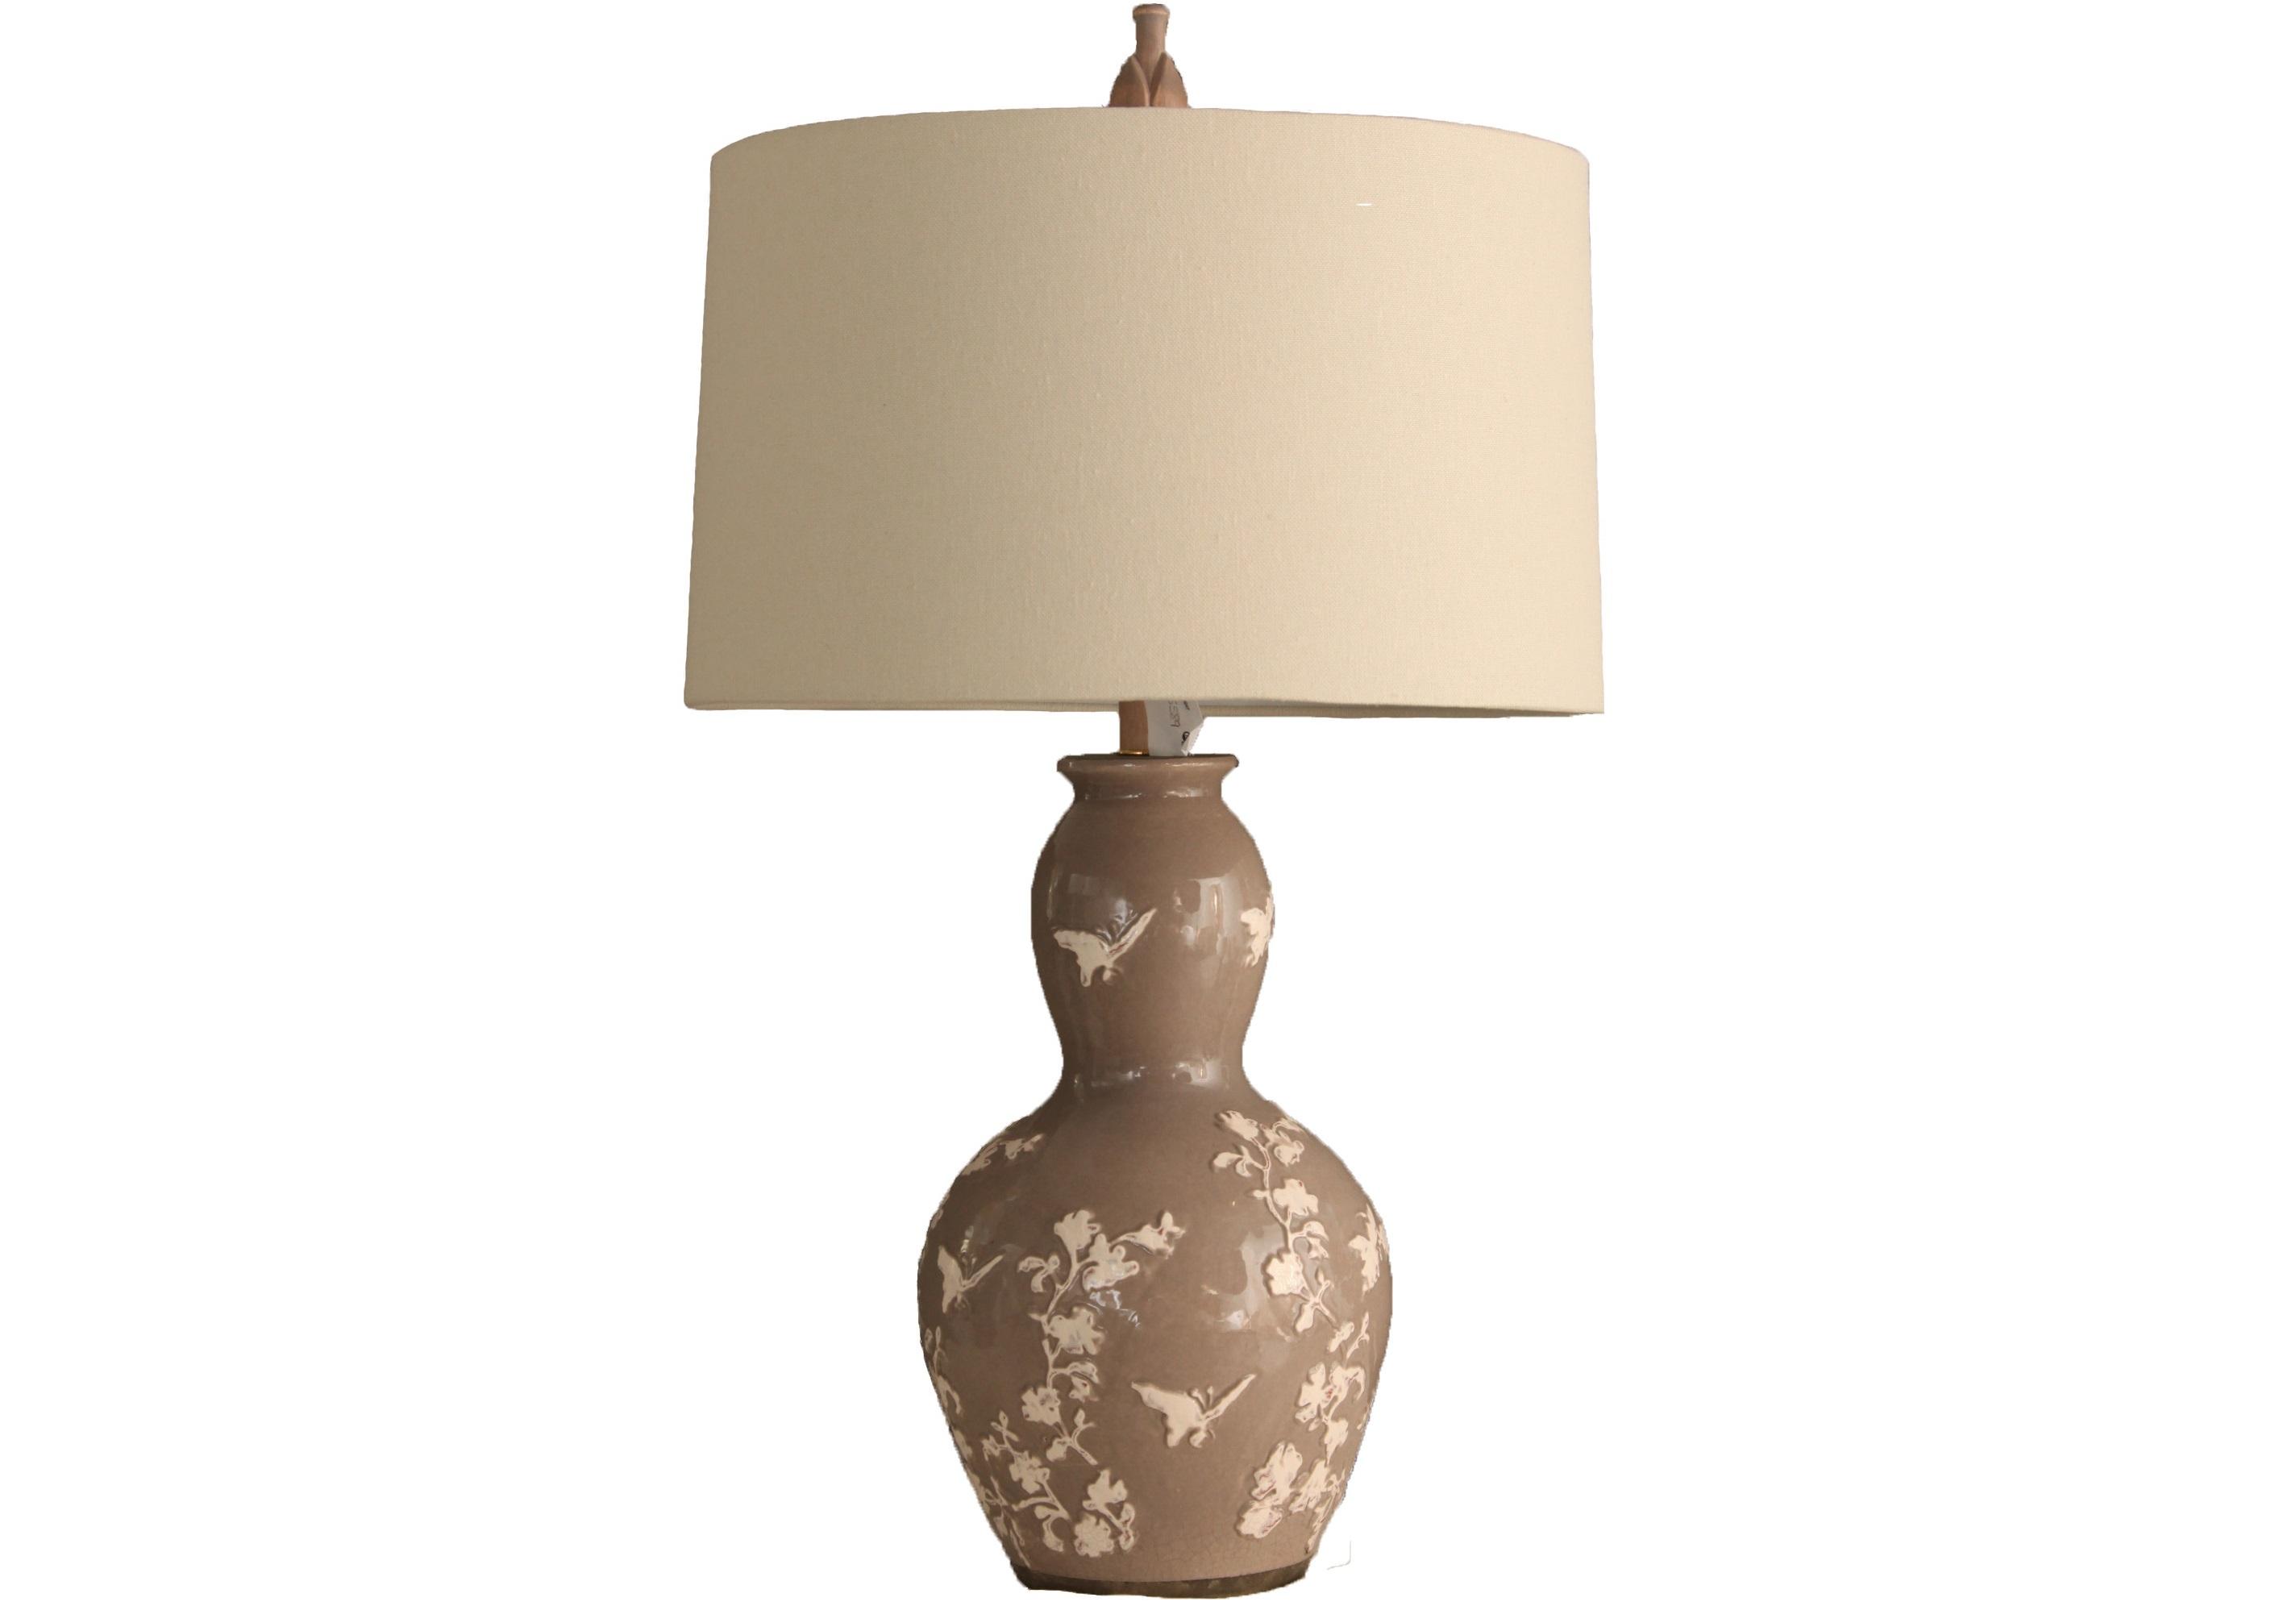 Настольная Лампа Taupe Garden GourdДекоративные лампы<br>The Natural Light – это целая философия света, которая заключается всего в нескольких простых словах: природа – это лучшее, что у нас есть. Сохраняя любовь к природе и умело воплощая природную теплоту в предметах декора, компания создает по-настоящему великолепные вещи, способные преобразить любое пространство.&amp;amp;nbsp;&amp;lt;div&amp;gt;&amp;lt;br&amp;gt;&amp;lt;/div&amp;gt;&amp;lt;div&amp;gt;&amp;lt;div&amp;gt;Вид цоколя: Е27&amp;lt;/div&amp;gt;&amp;lt;div&amp;gt;Мощность лампы: 100W&amp;lt;/div&amp;gt;&amp;lt;div&amp;gt;Количество ламп: 1&amp;lt;/div&amp;gt;&amp;lt;/div&amp;gt;<br><br>Material: Керамика<br>Length см: 0<br>Width см: 43<br>Depth см: 43<br>Height см: 86<br>Diameter см: 0